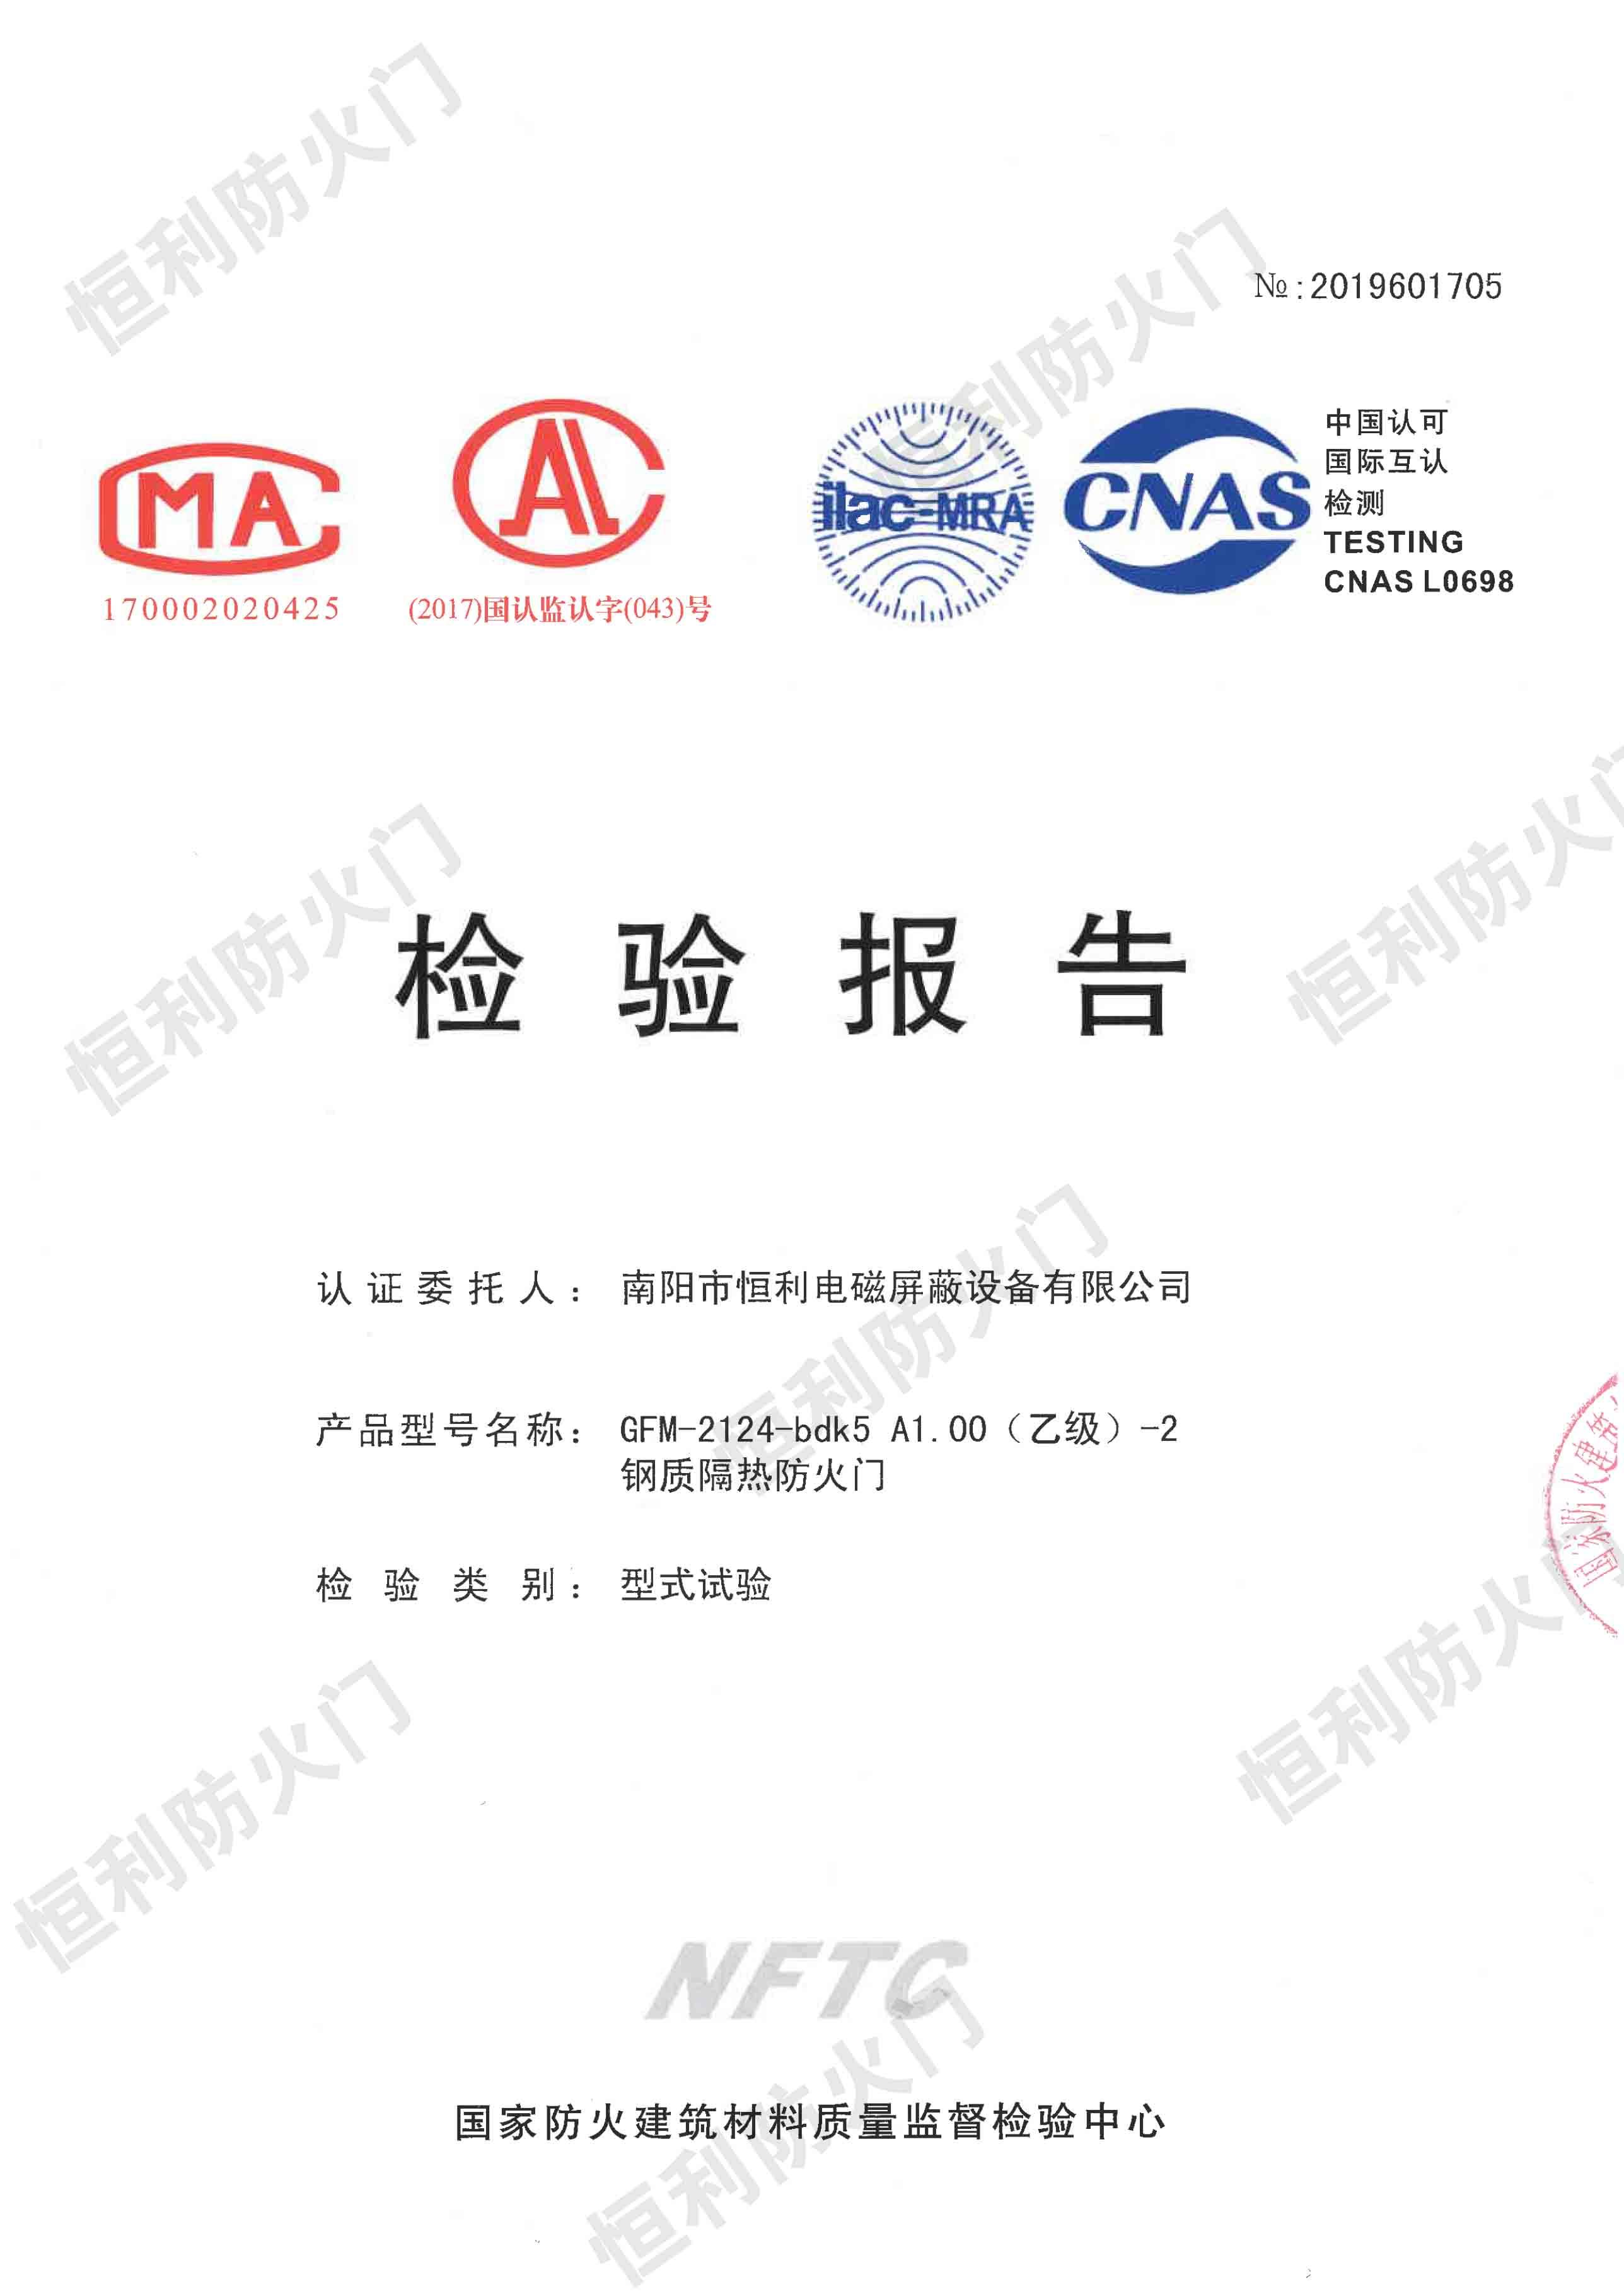 GFM-2124-bdk5 A1.00(乙級)-2 鋼質隔熱防火門